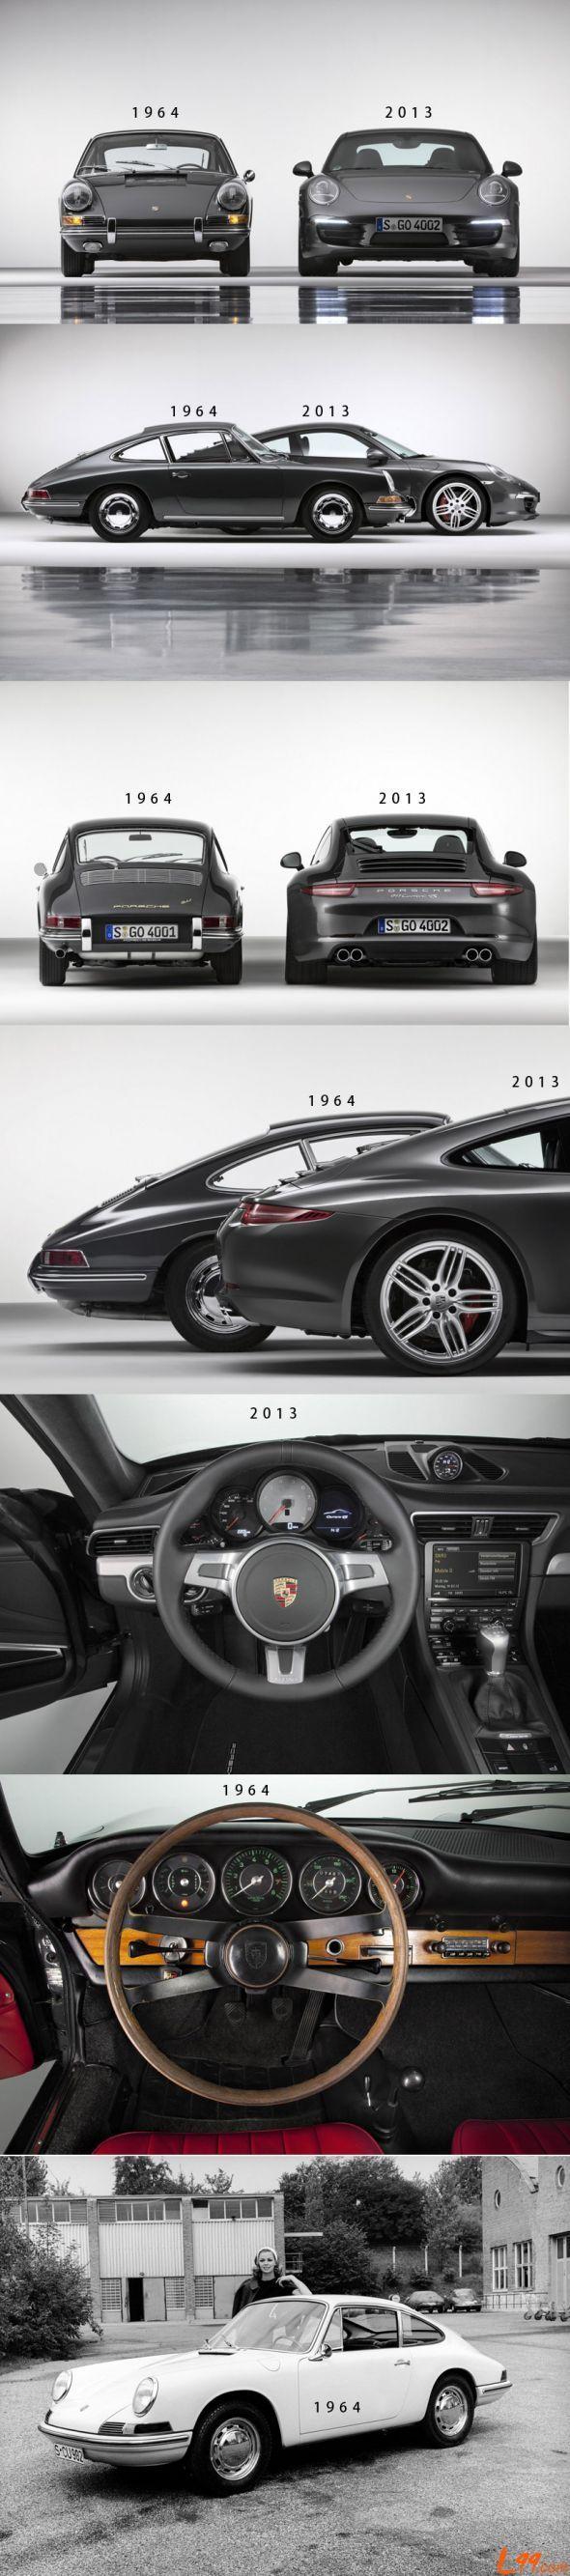 #Porsche 911 ~ 1964 vs 2013 #porsche #911 #porsche911